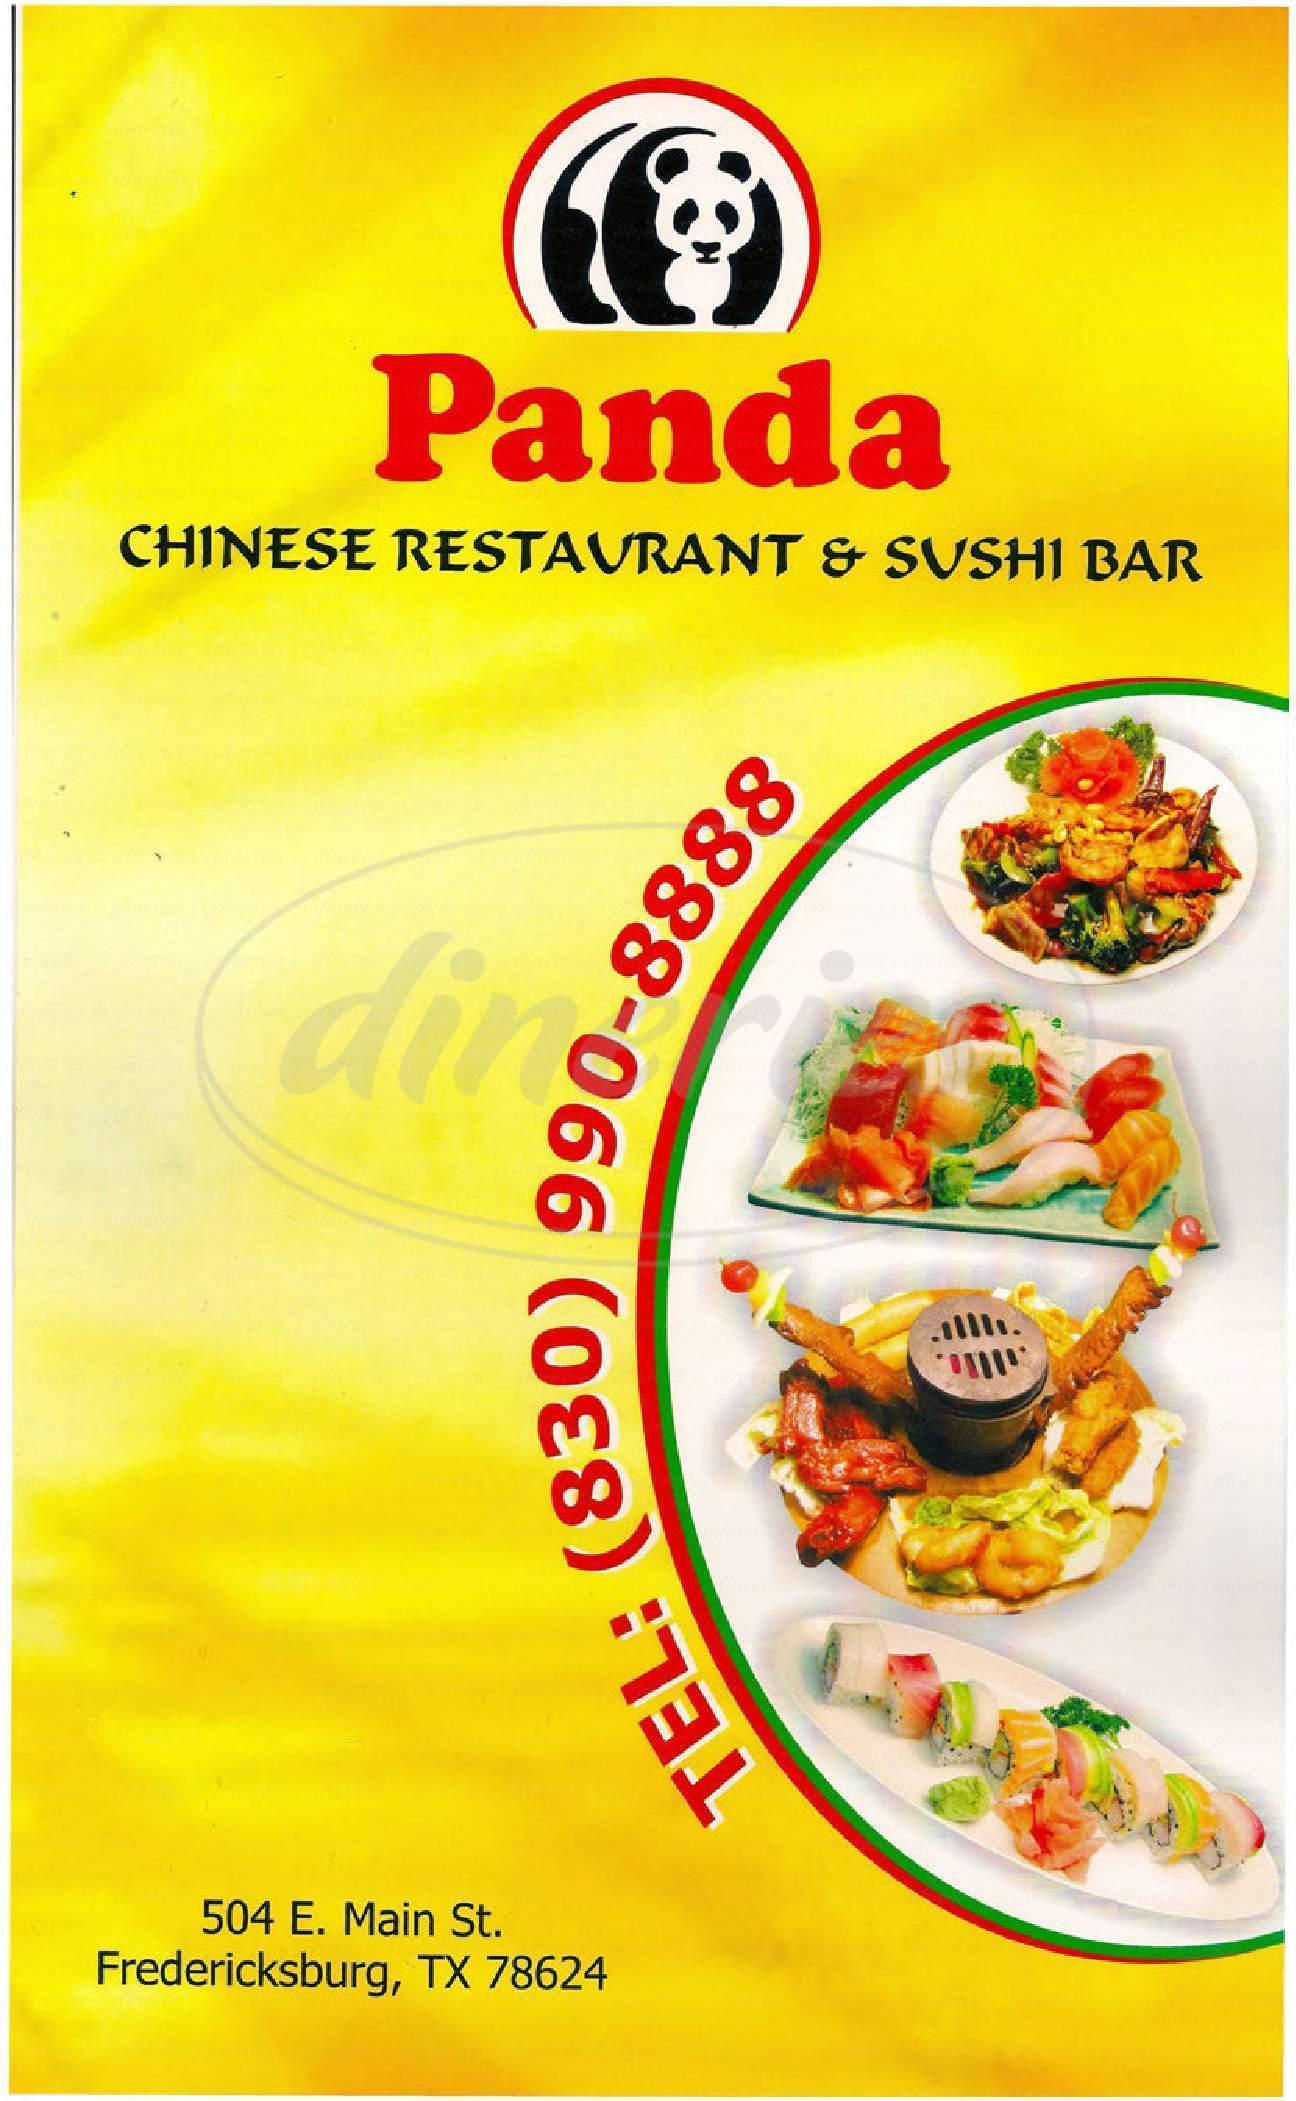 menu for Panda